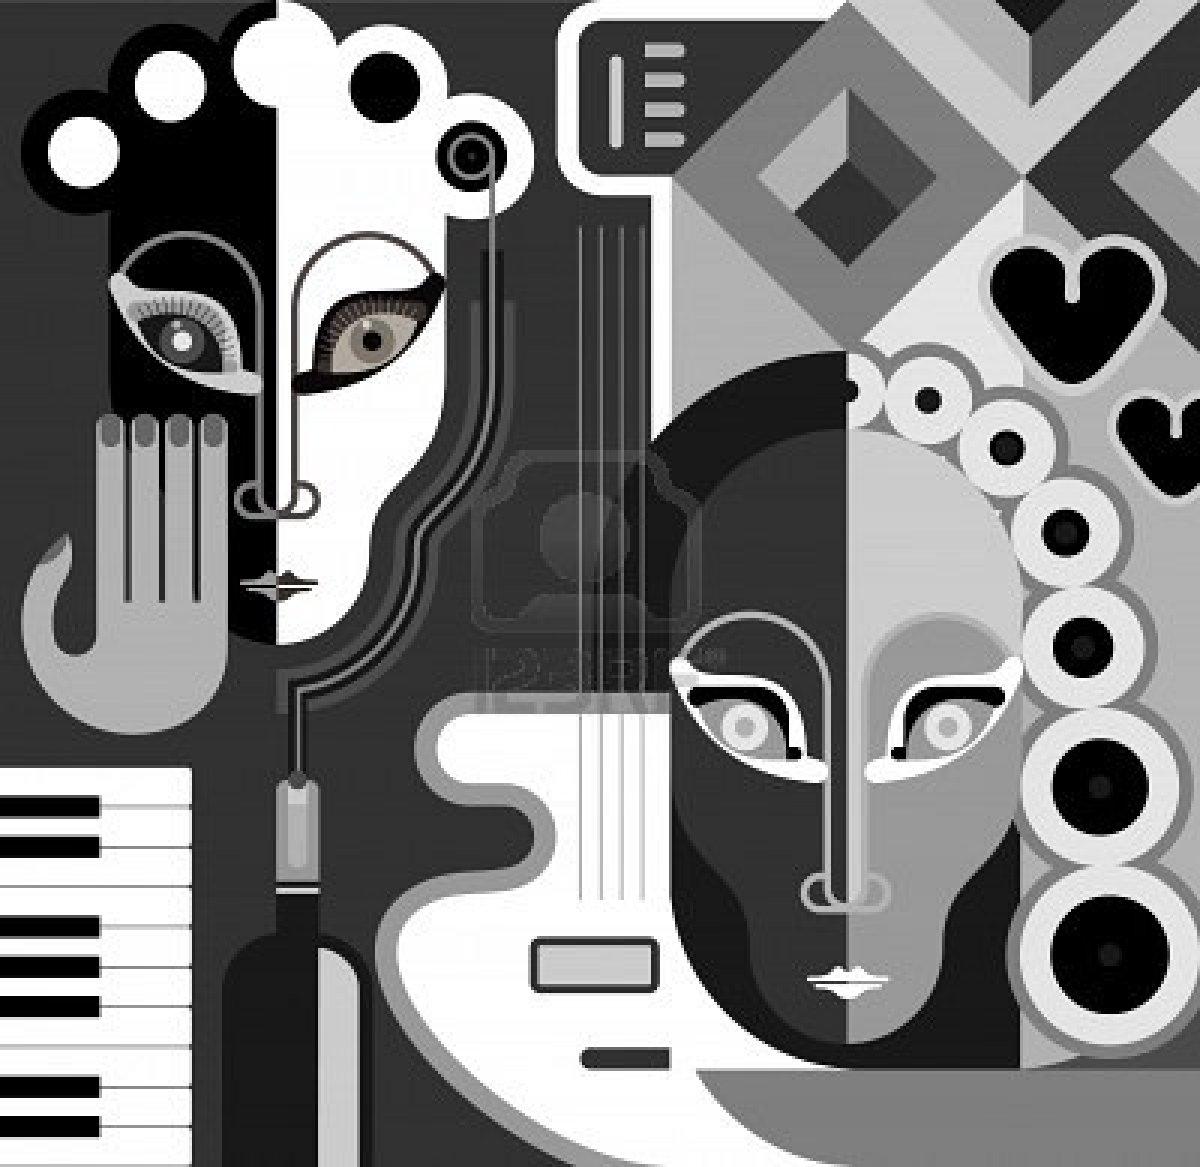 Arte abstracto blanco y negro imagui for Imagenes de cuadros abstractos en blanco y negro